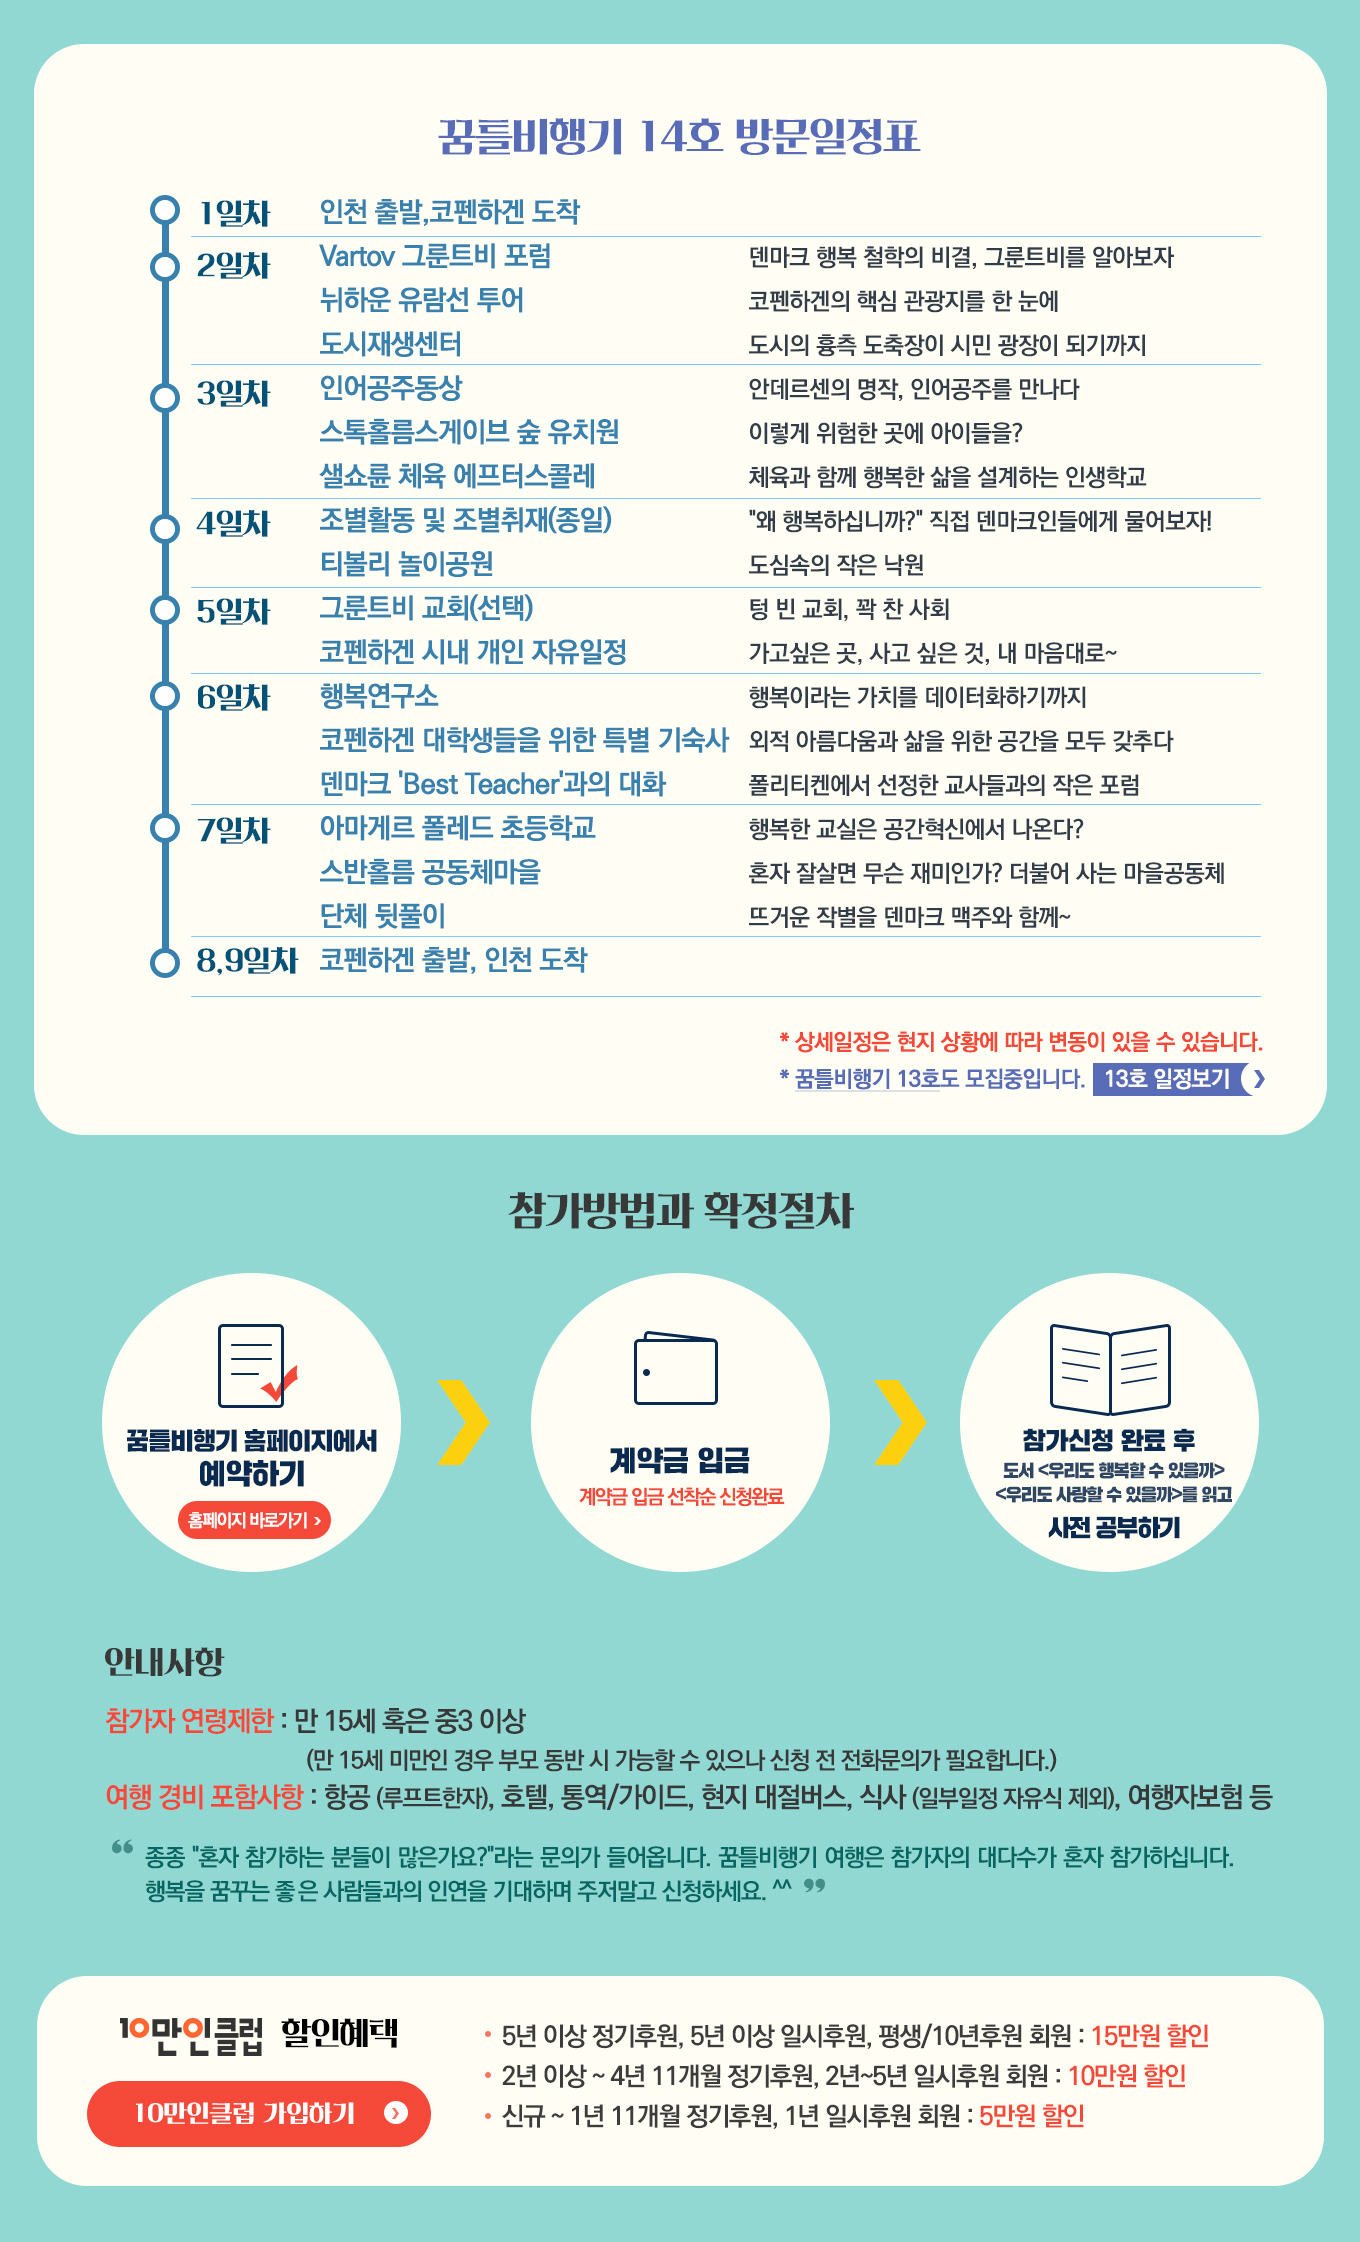 꿈틀비행기 14호 방문일정표, 참가방법과 확정절차, 안내사항